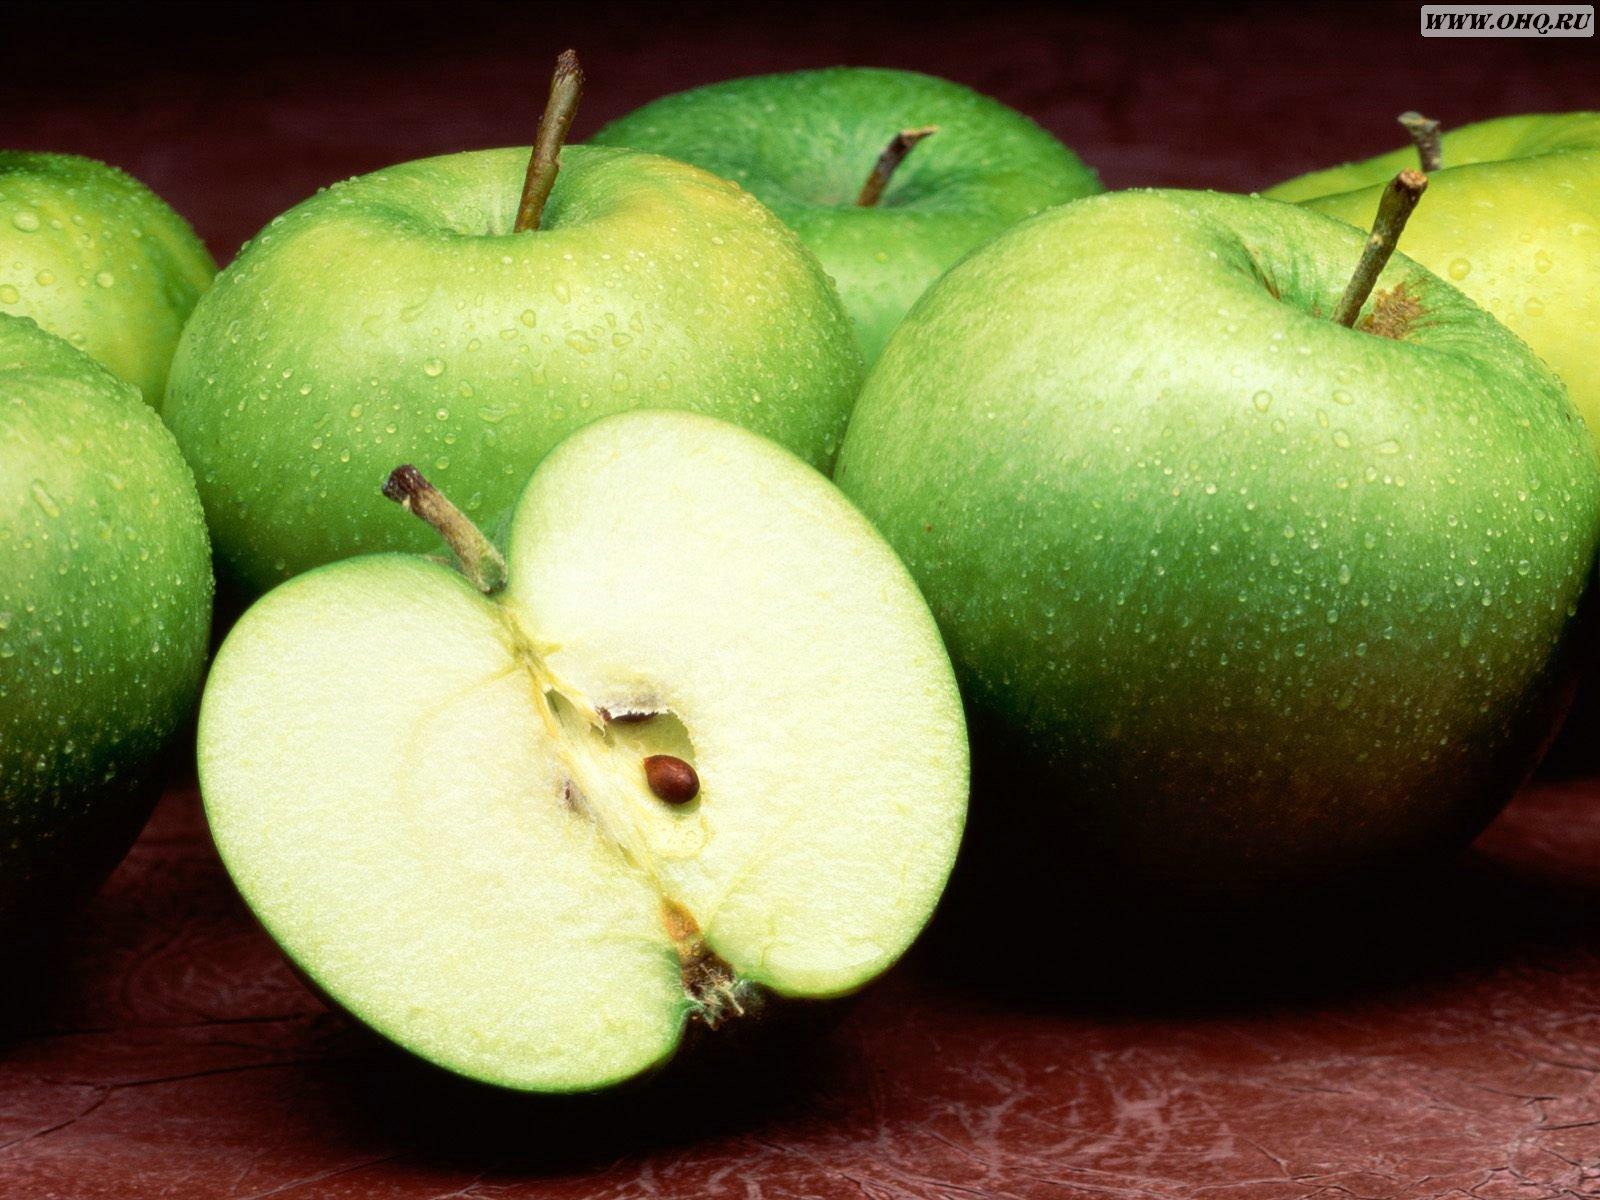 Wallpaper Of Fruits green Apples Wallpaper World 1600x1200